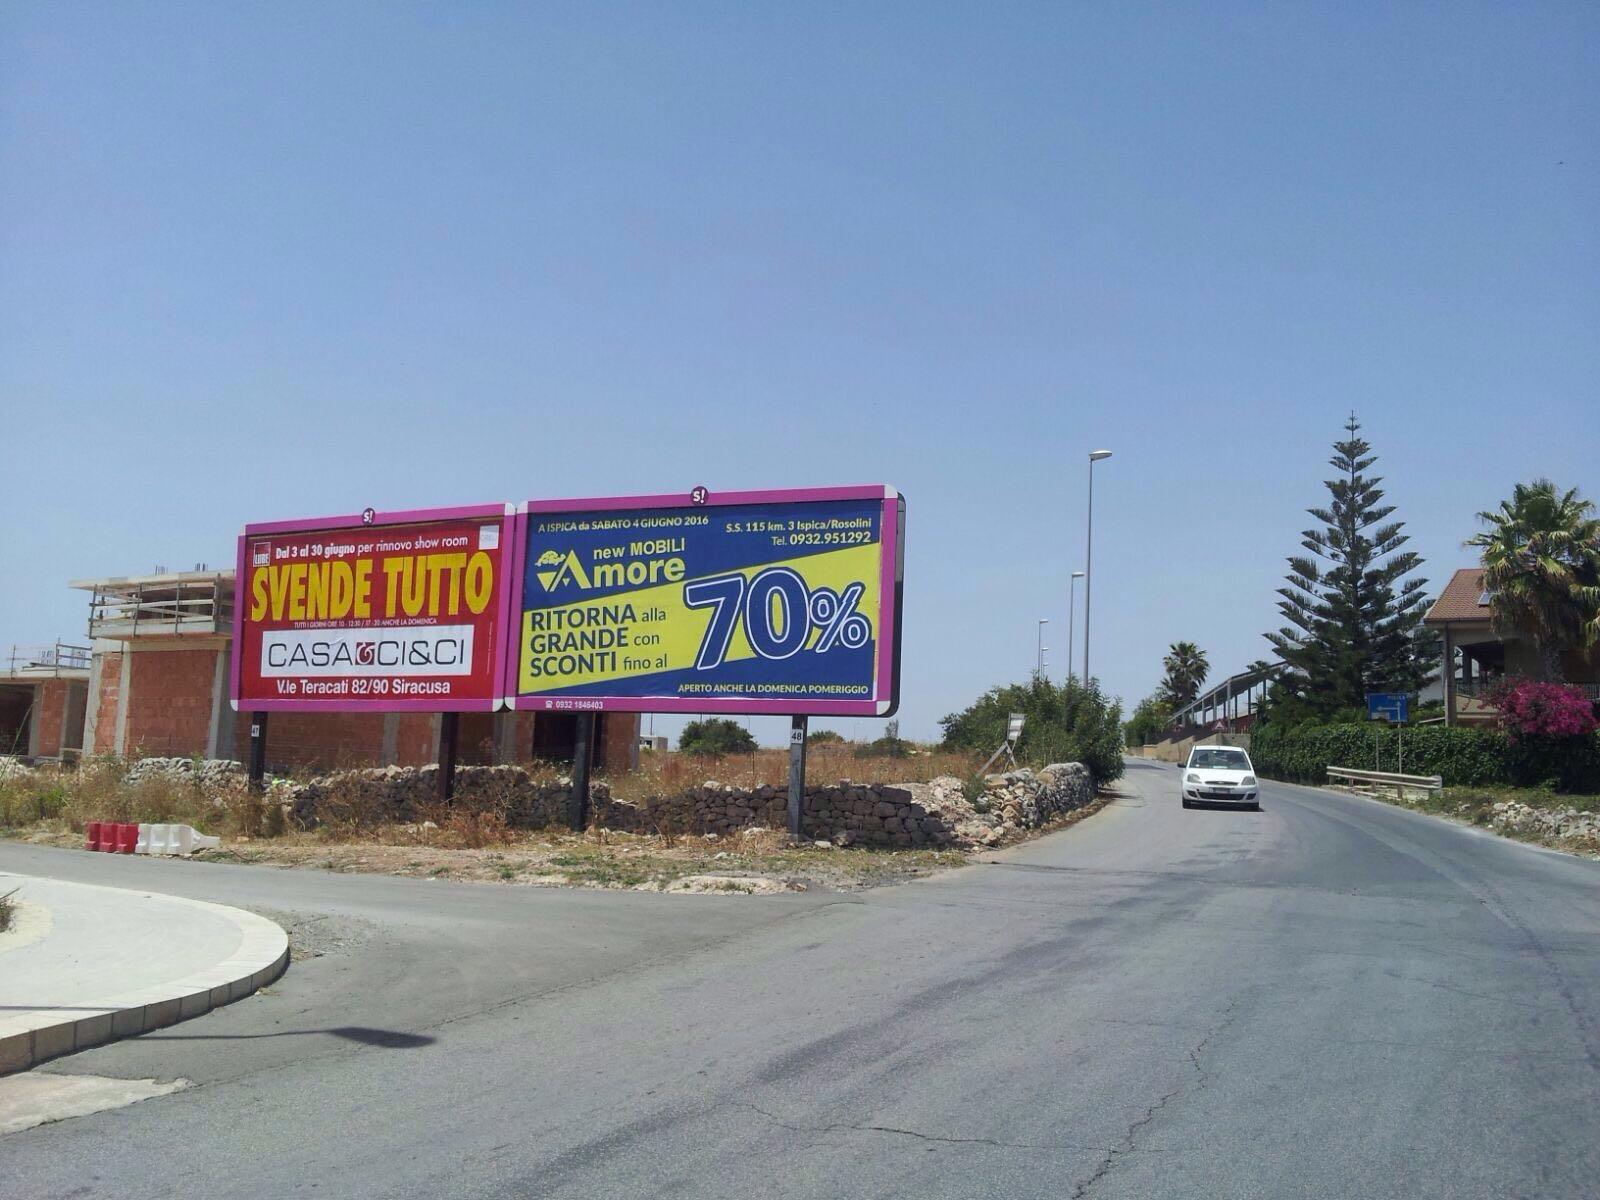 ISPICA impianto pubblicitario 6x3  (prov. Ragusa)